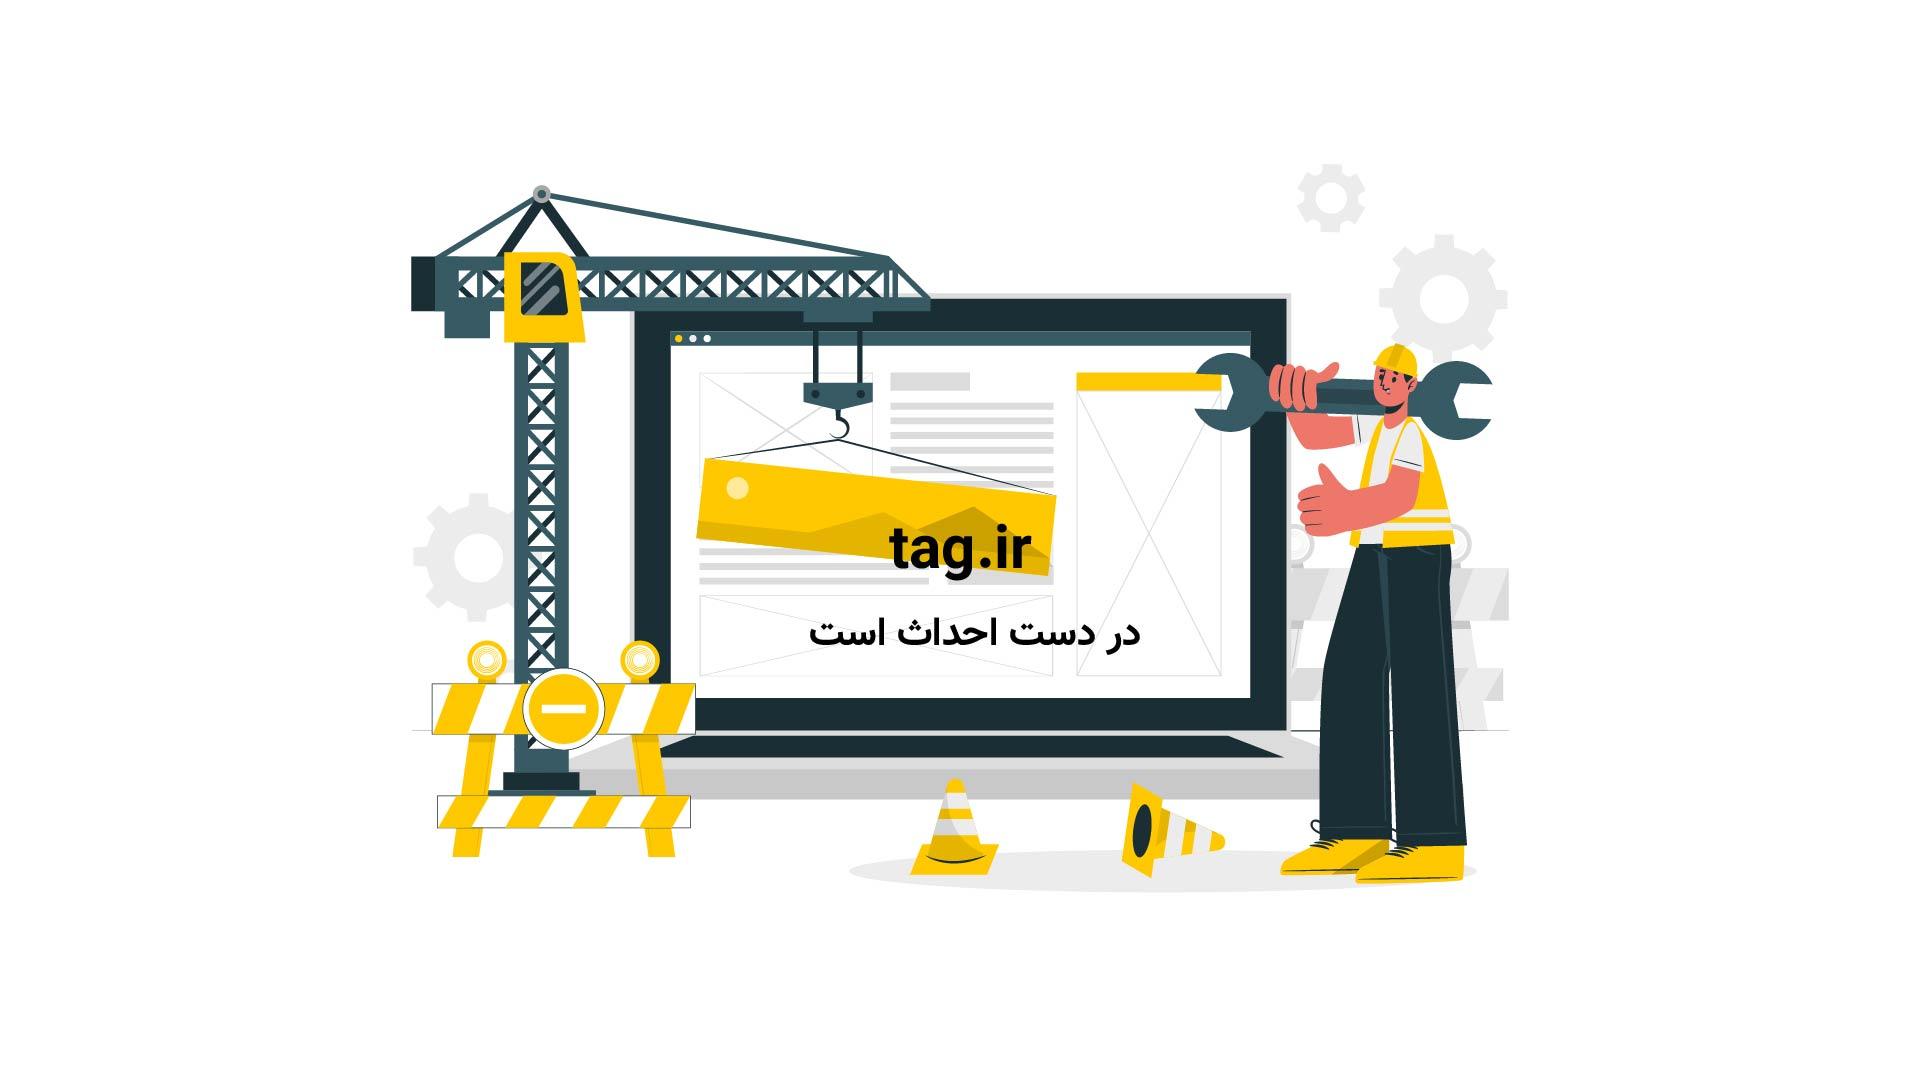 گیم پلی کشتن جوکر به دست شخصیت های اینجاستس ۲  | فیلم